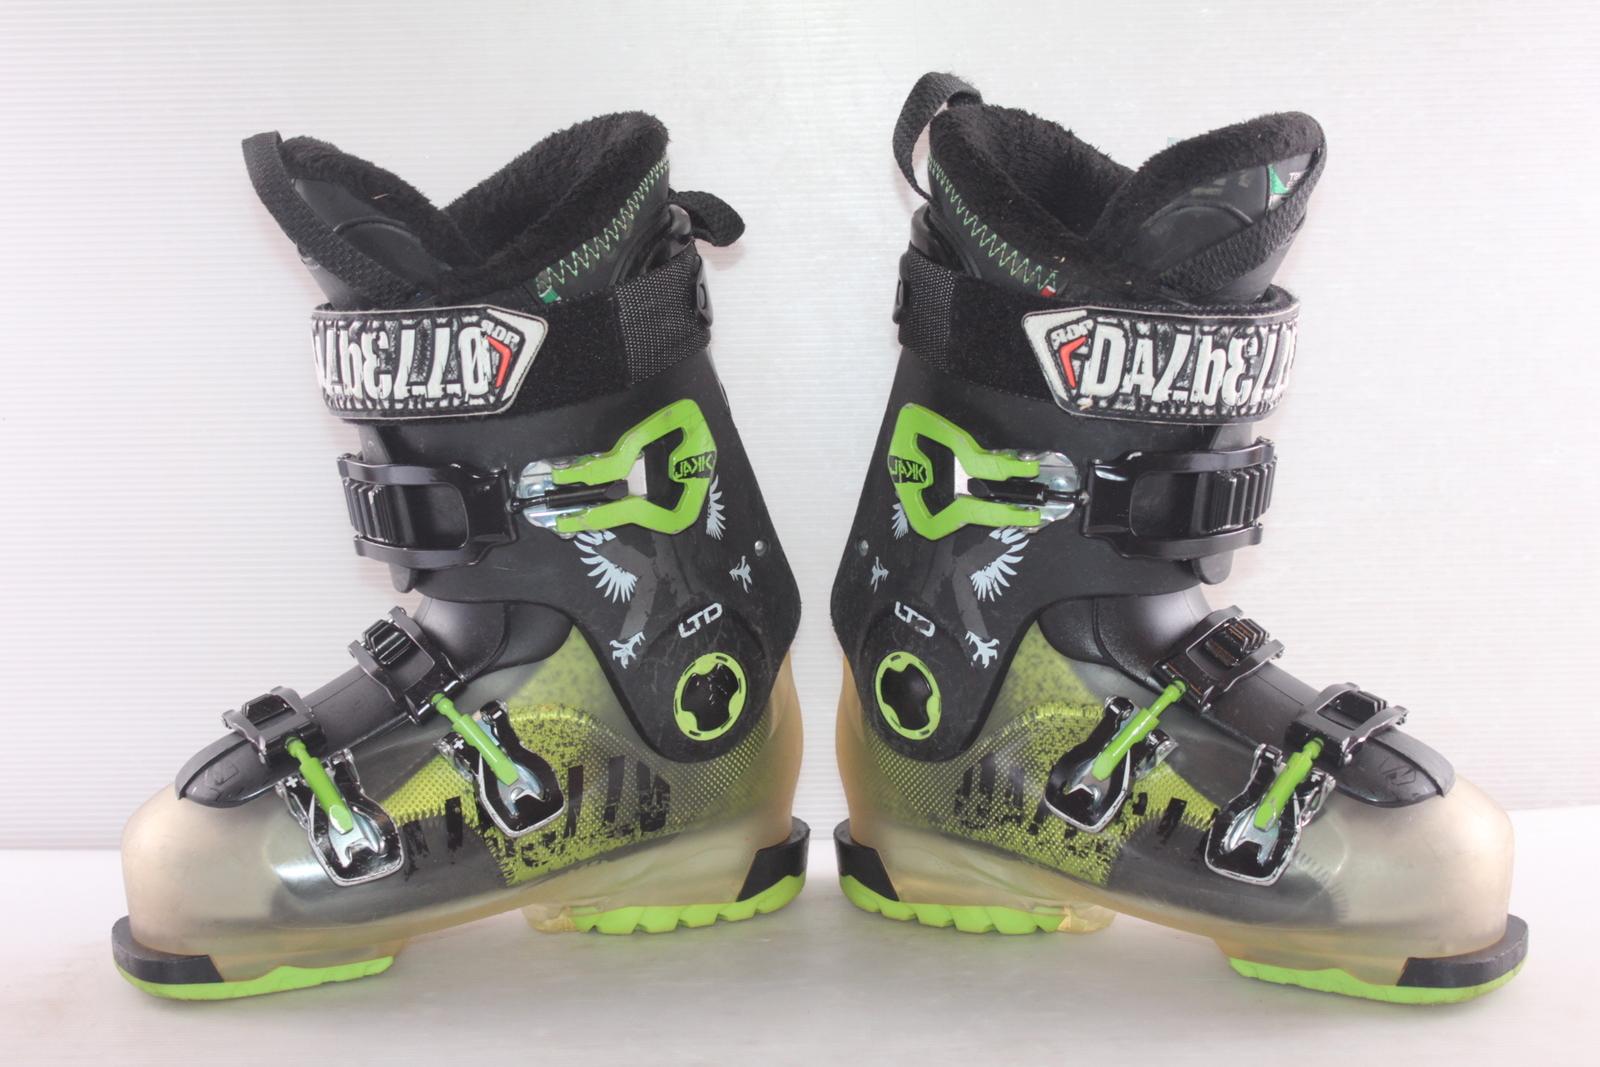 Lyžařské boty Dalbello Jakk Ltd vel. EU38.5 flexe 80